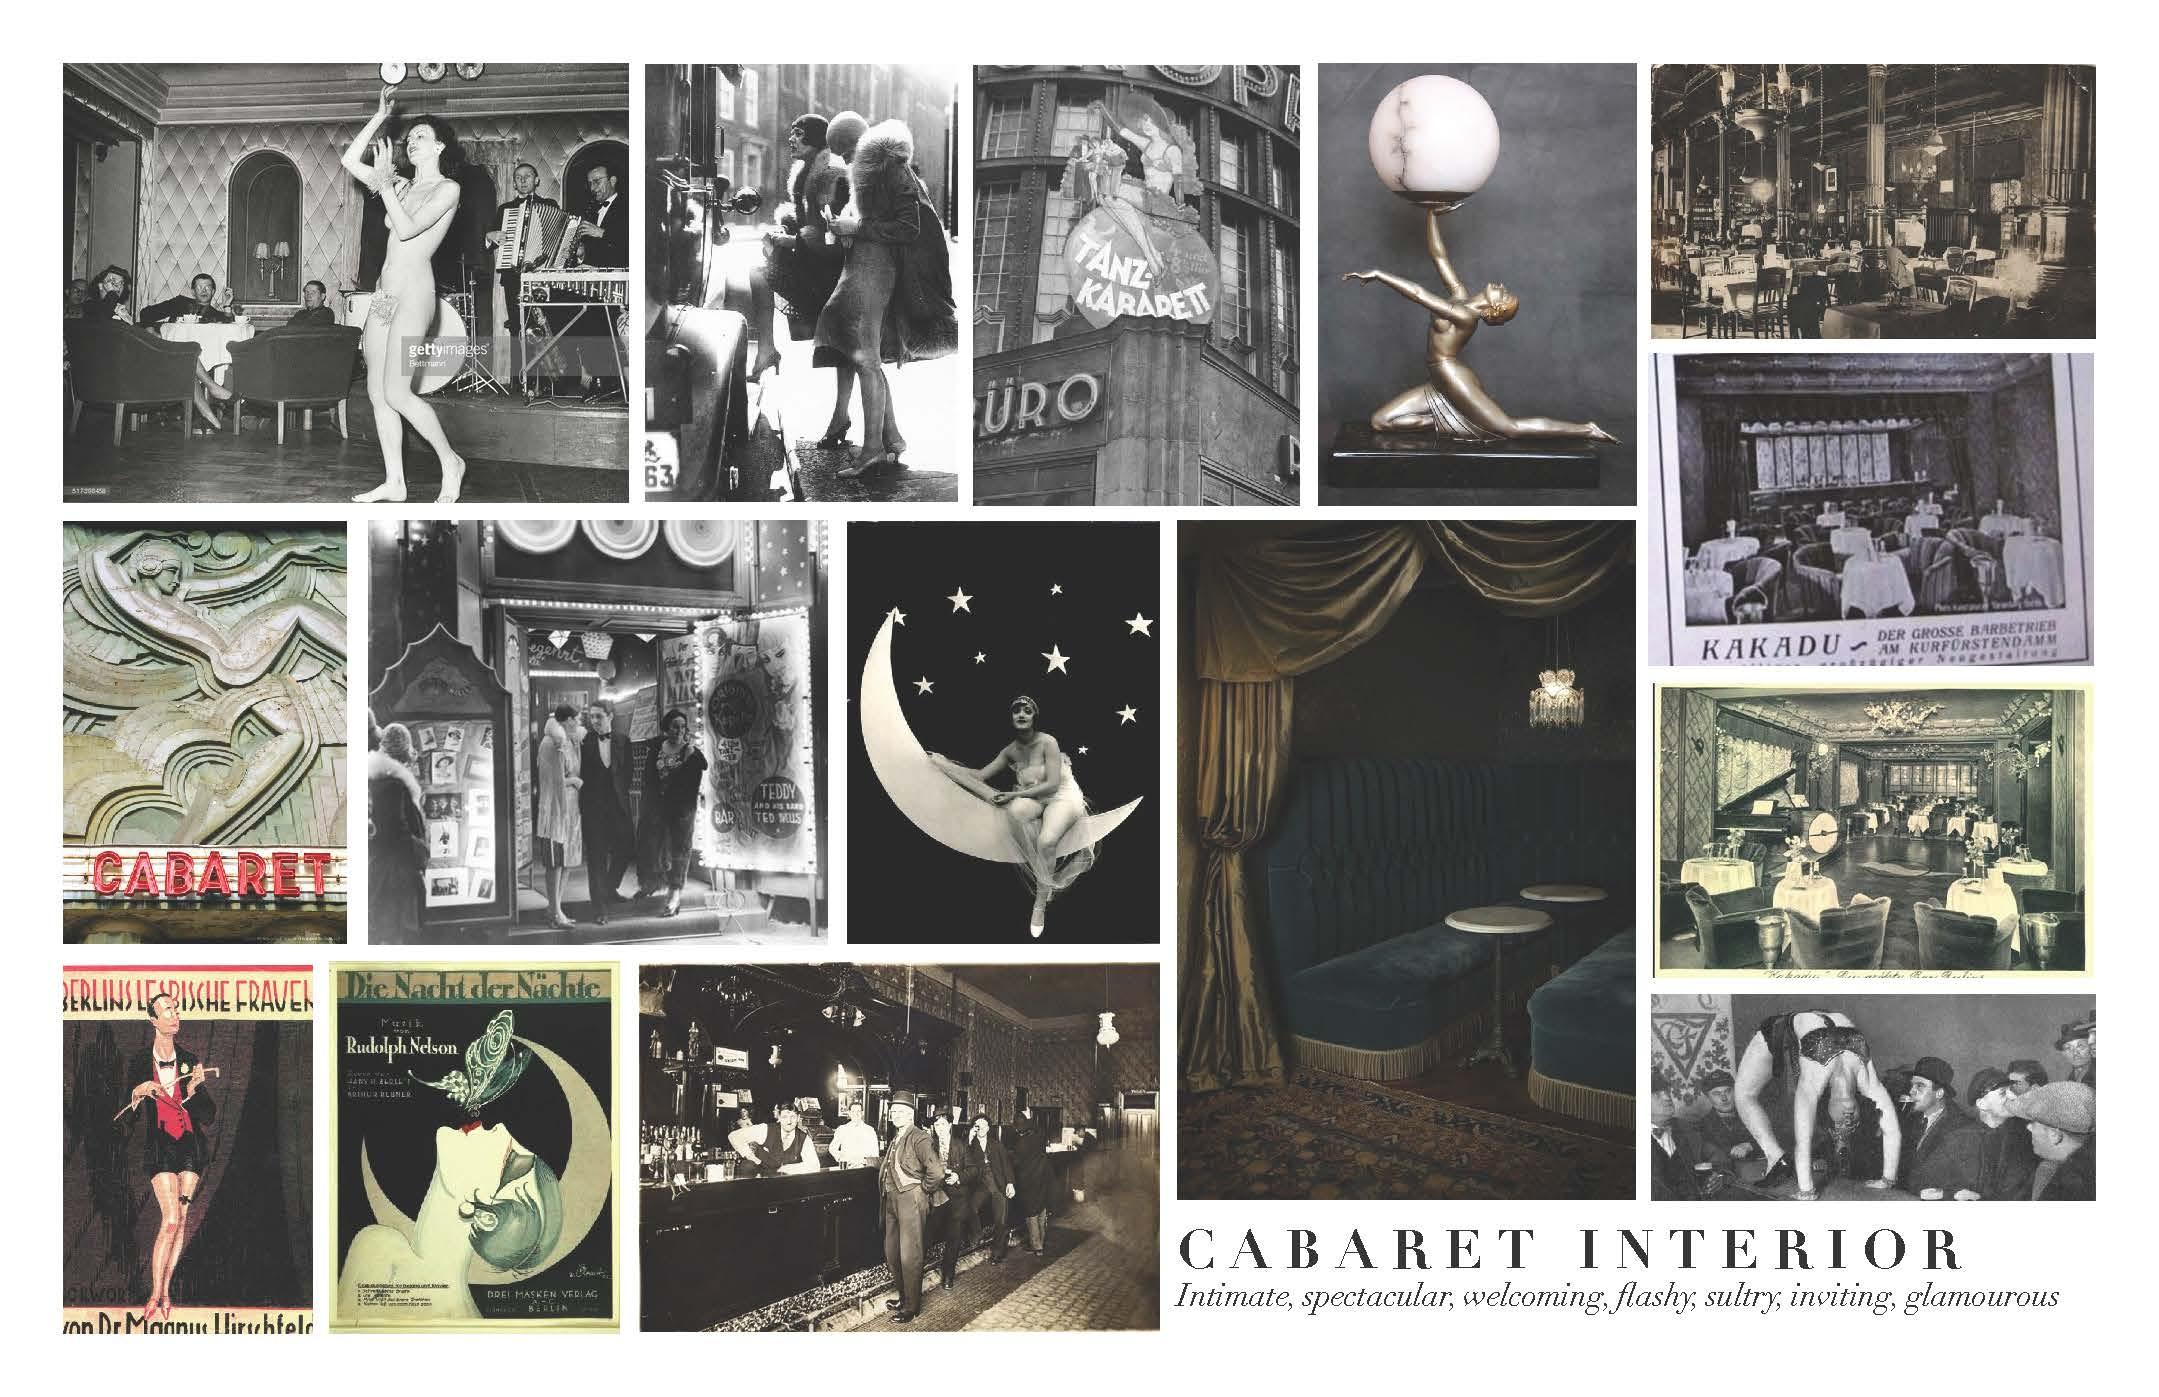 Cabaret Interior